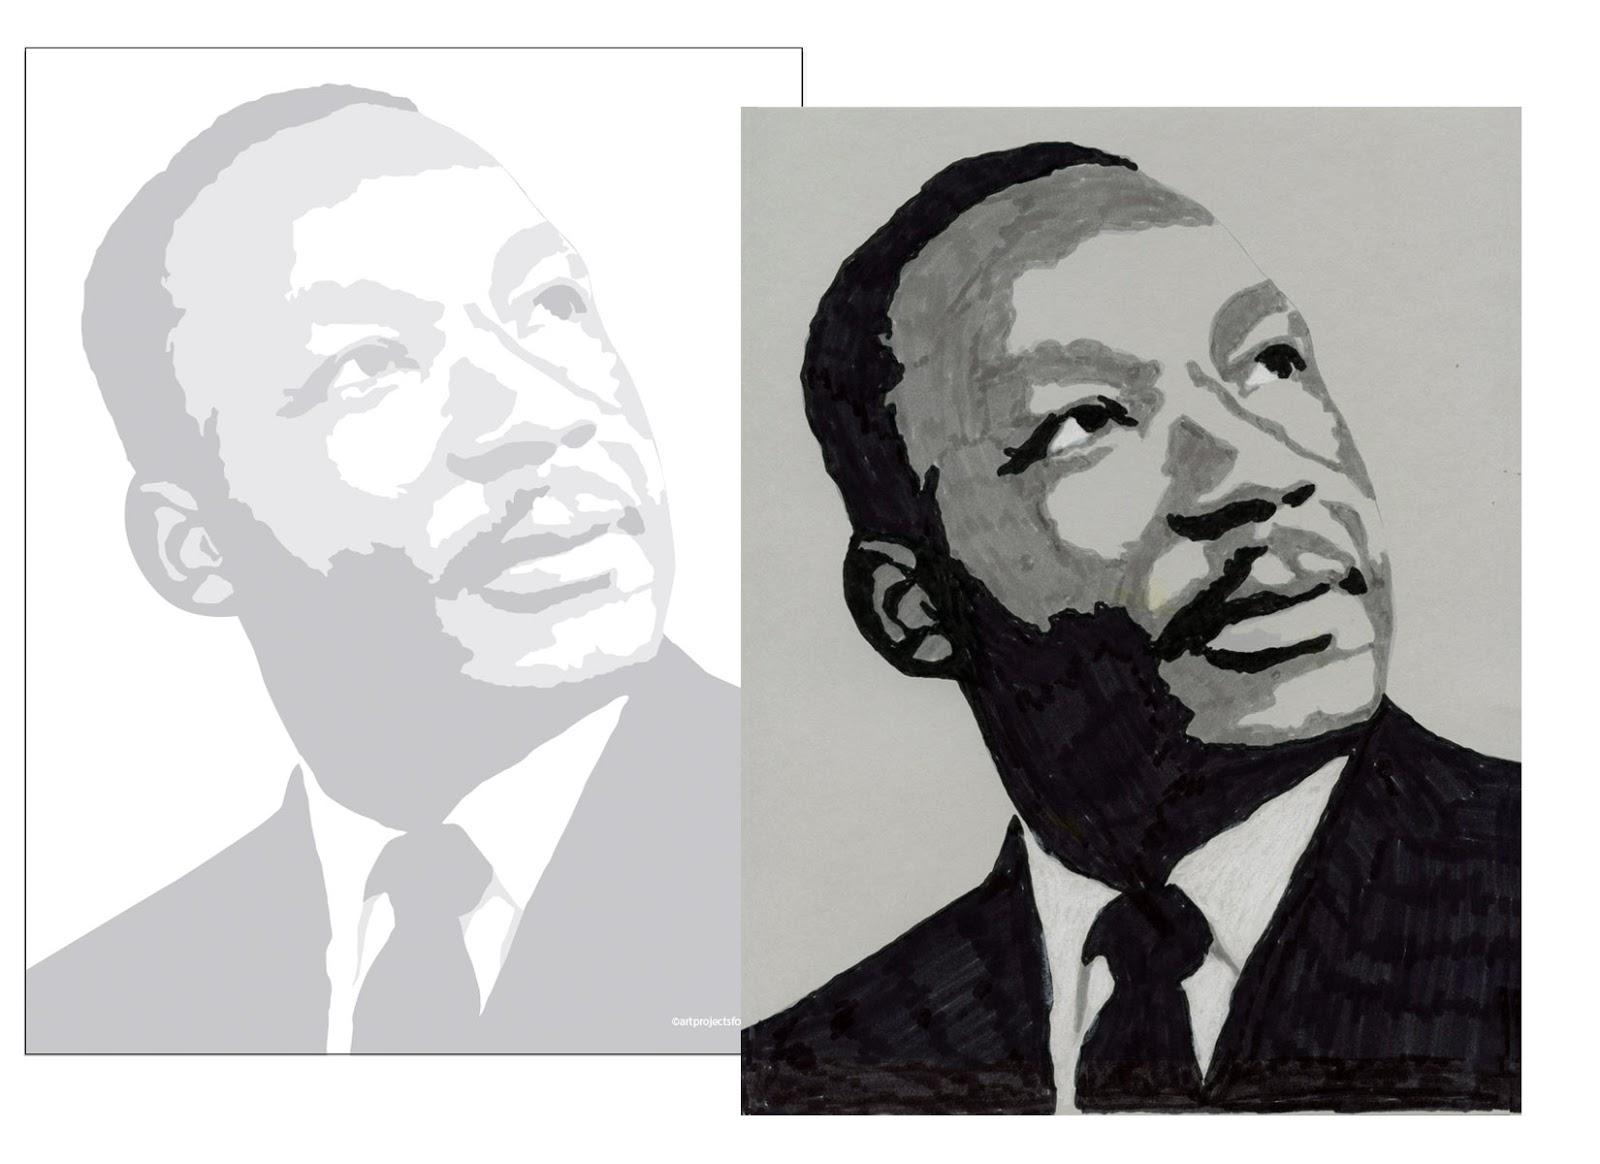 http://3.bp.blogspot.com/-dqVg38r4yRQ/UOcjn4ui9uI/AAAAAAAAMIE/PEtJBFI4T4Q/s1600/MLK+Post.jpg